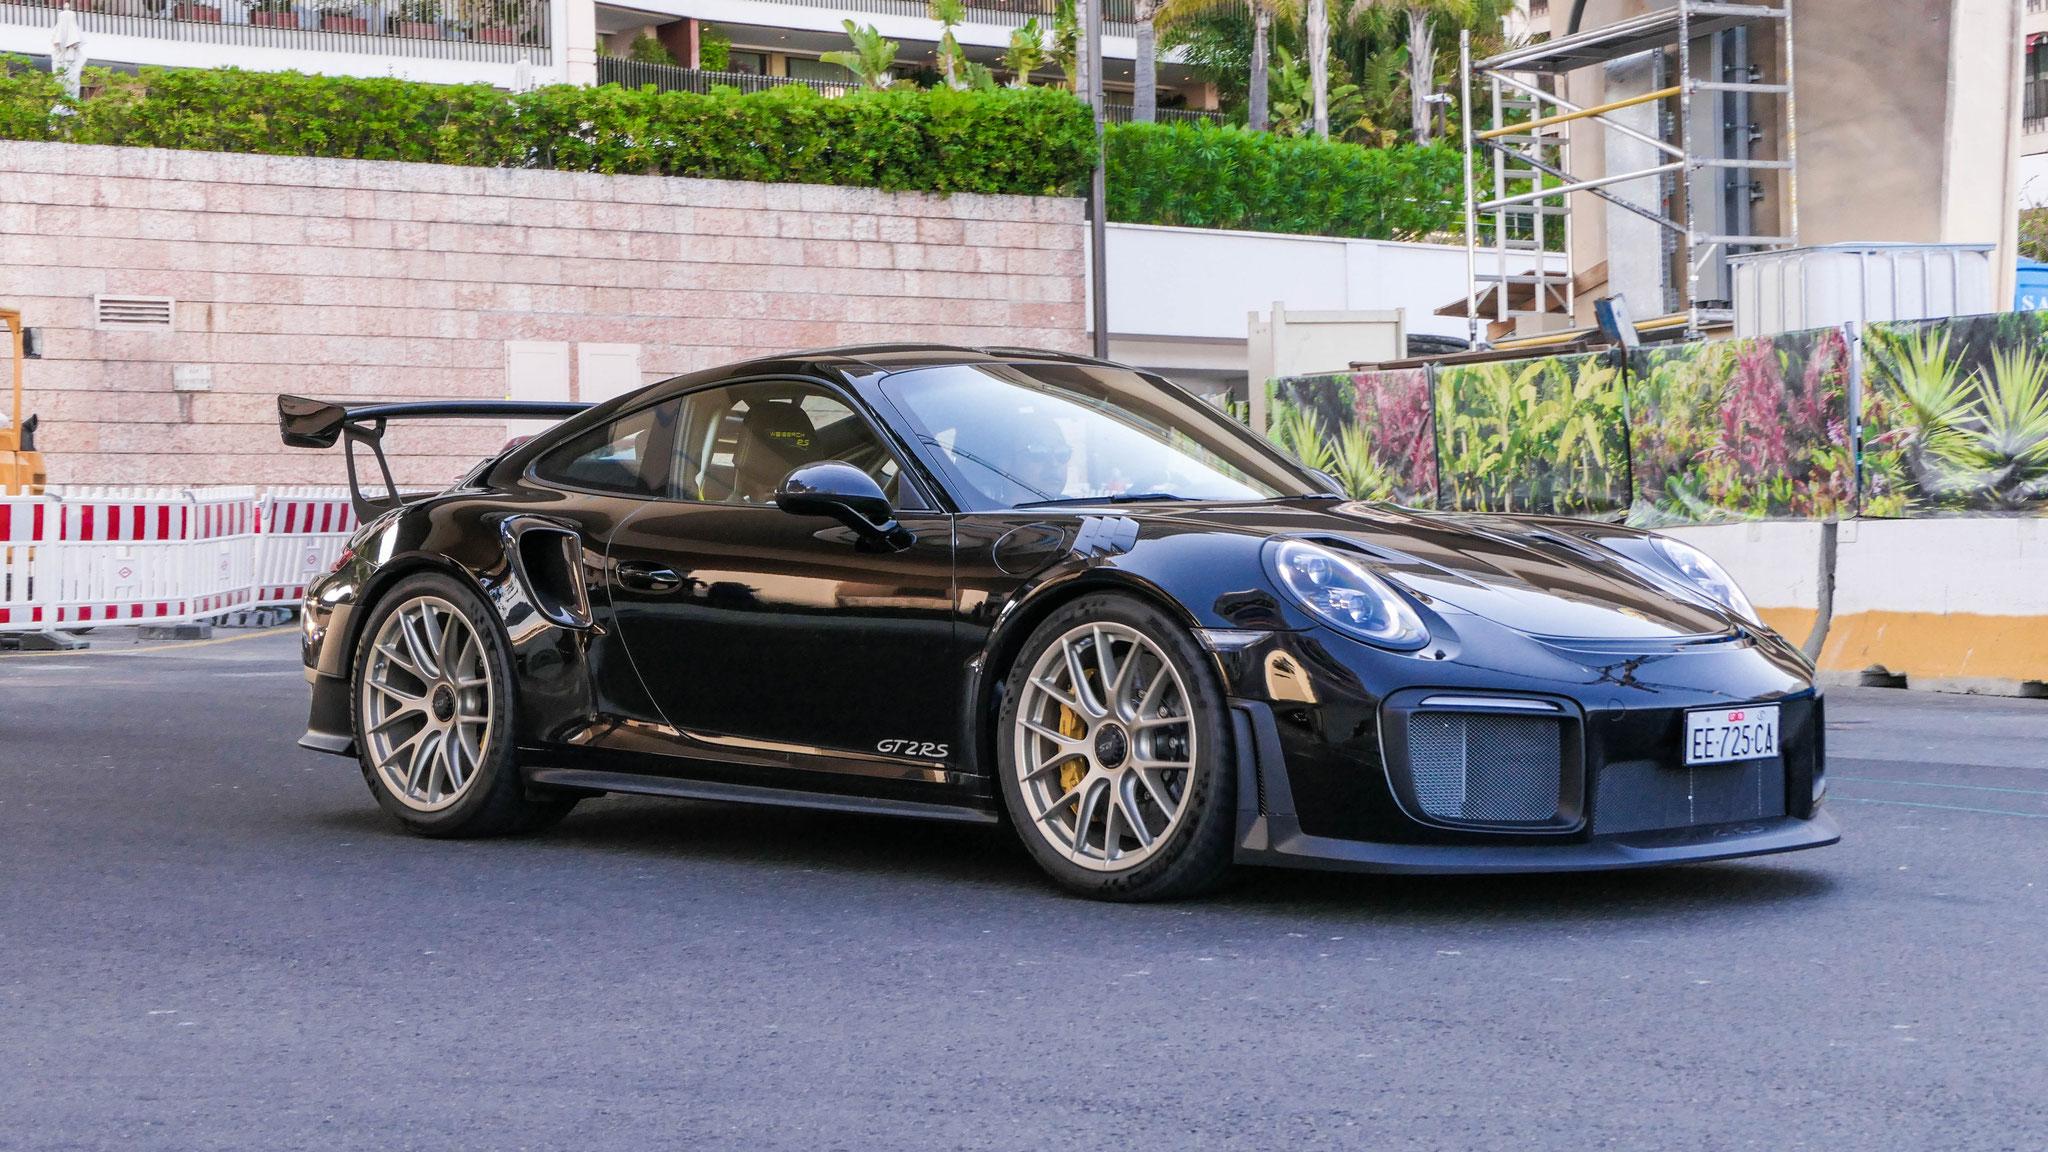 Porsche GT2 RS - EE-725-CA (ITA)